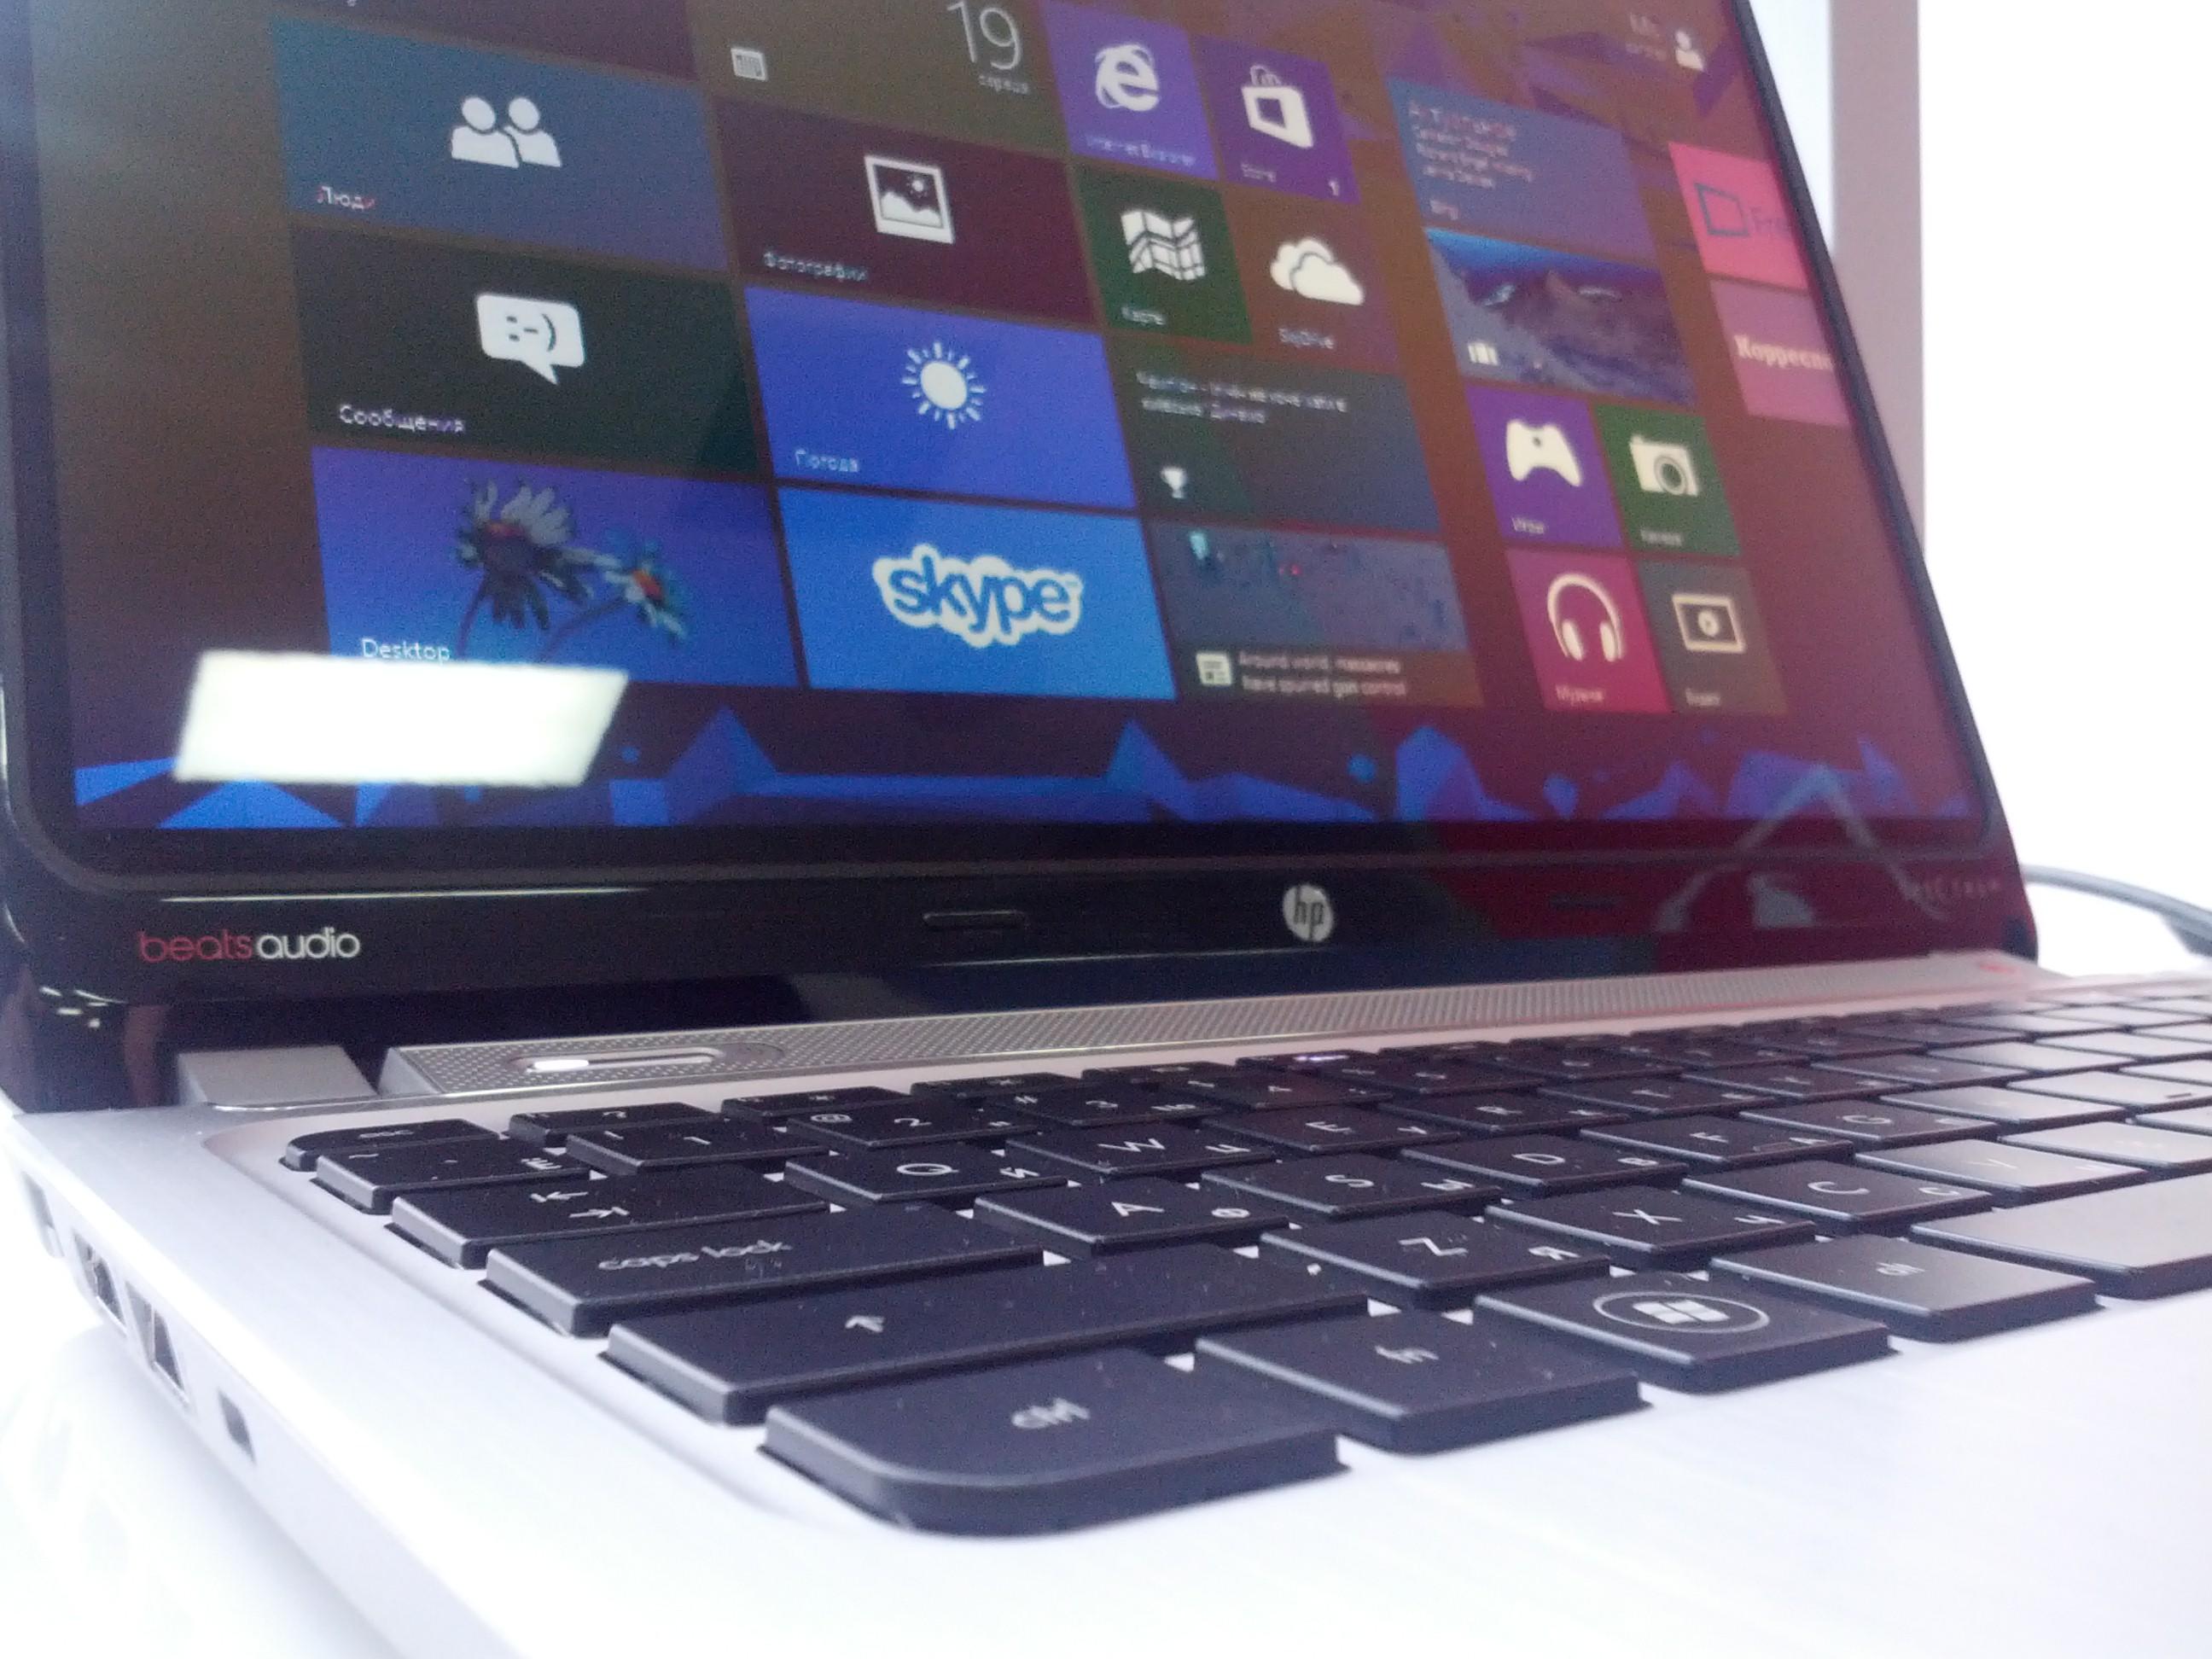 HP ENVY 13 Spectre XT - клавиатура островного типа с небольшим ходом клавиш